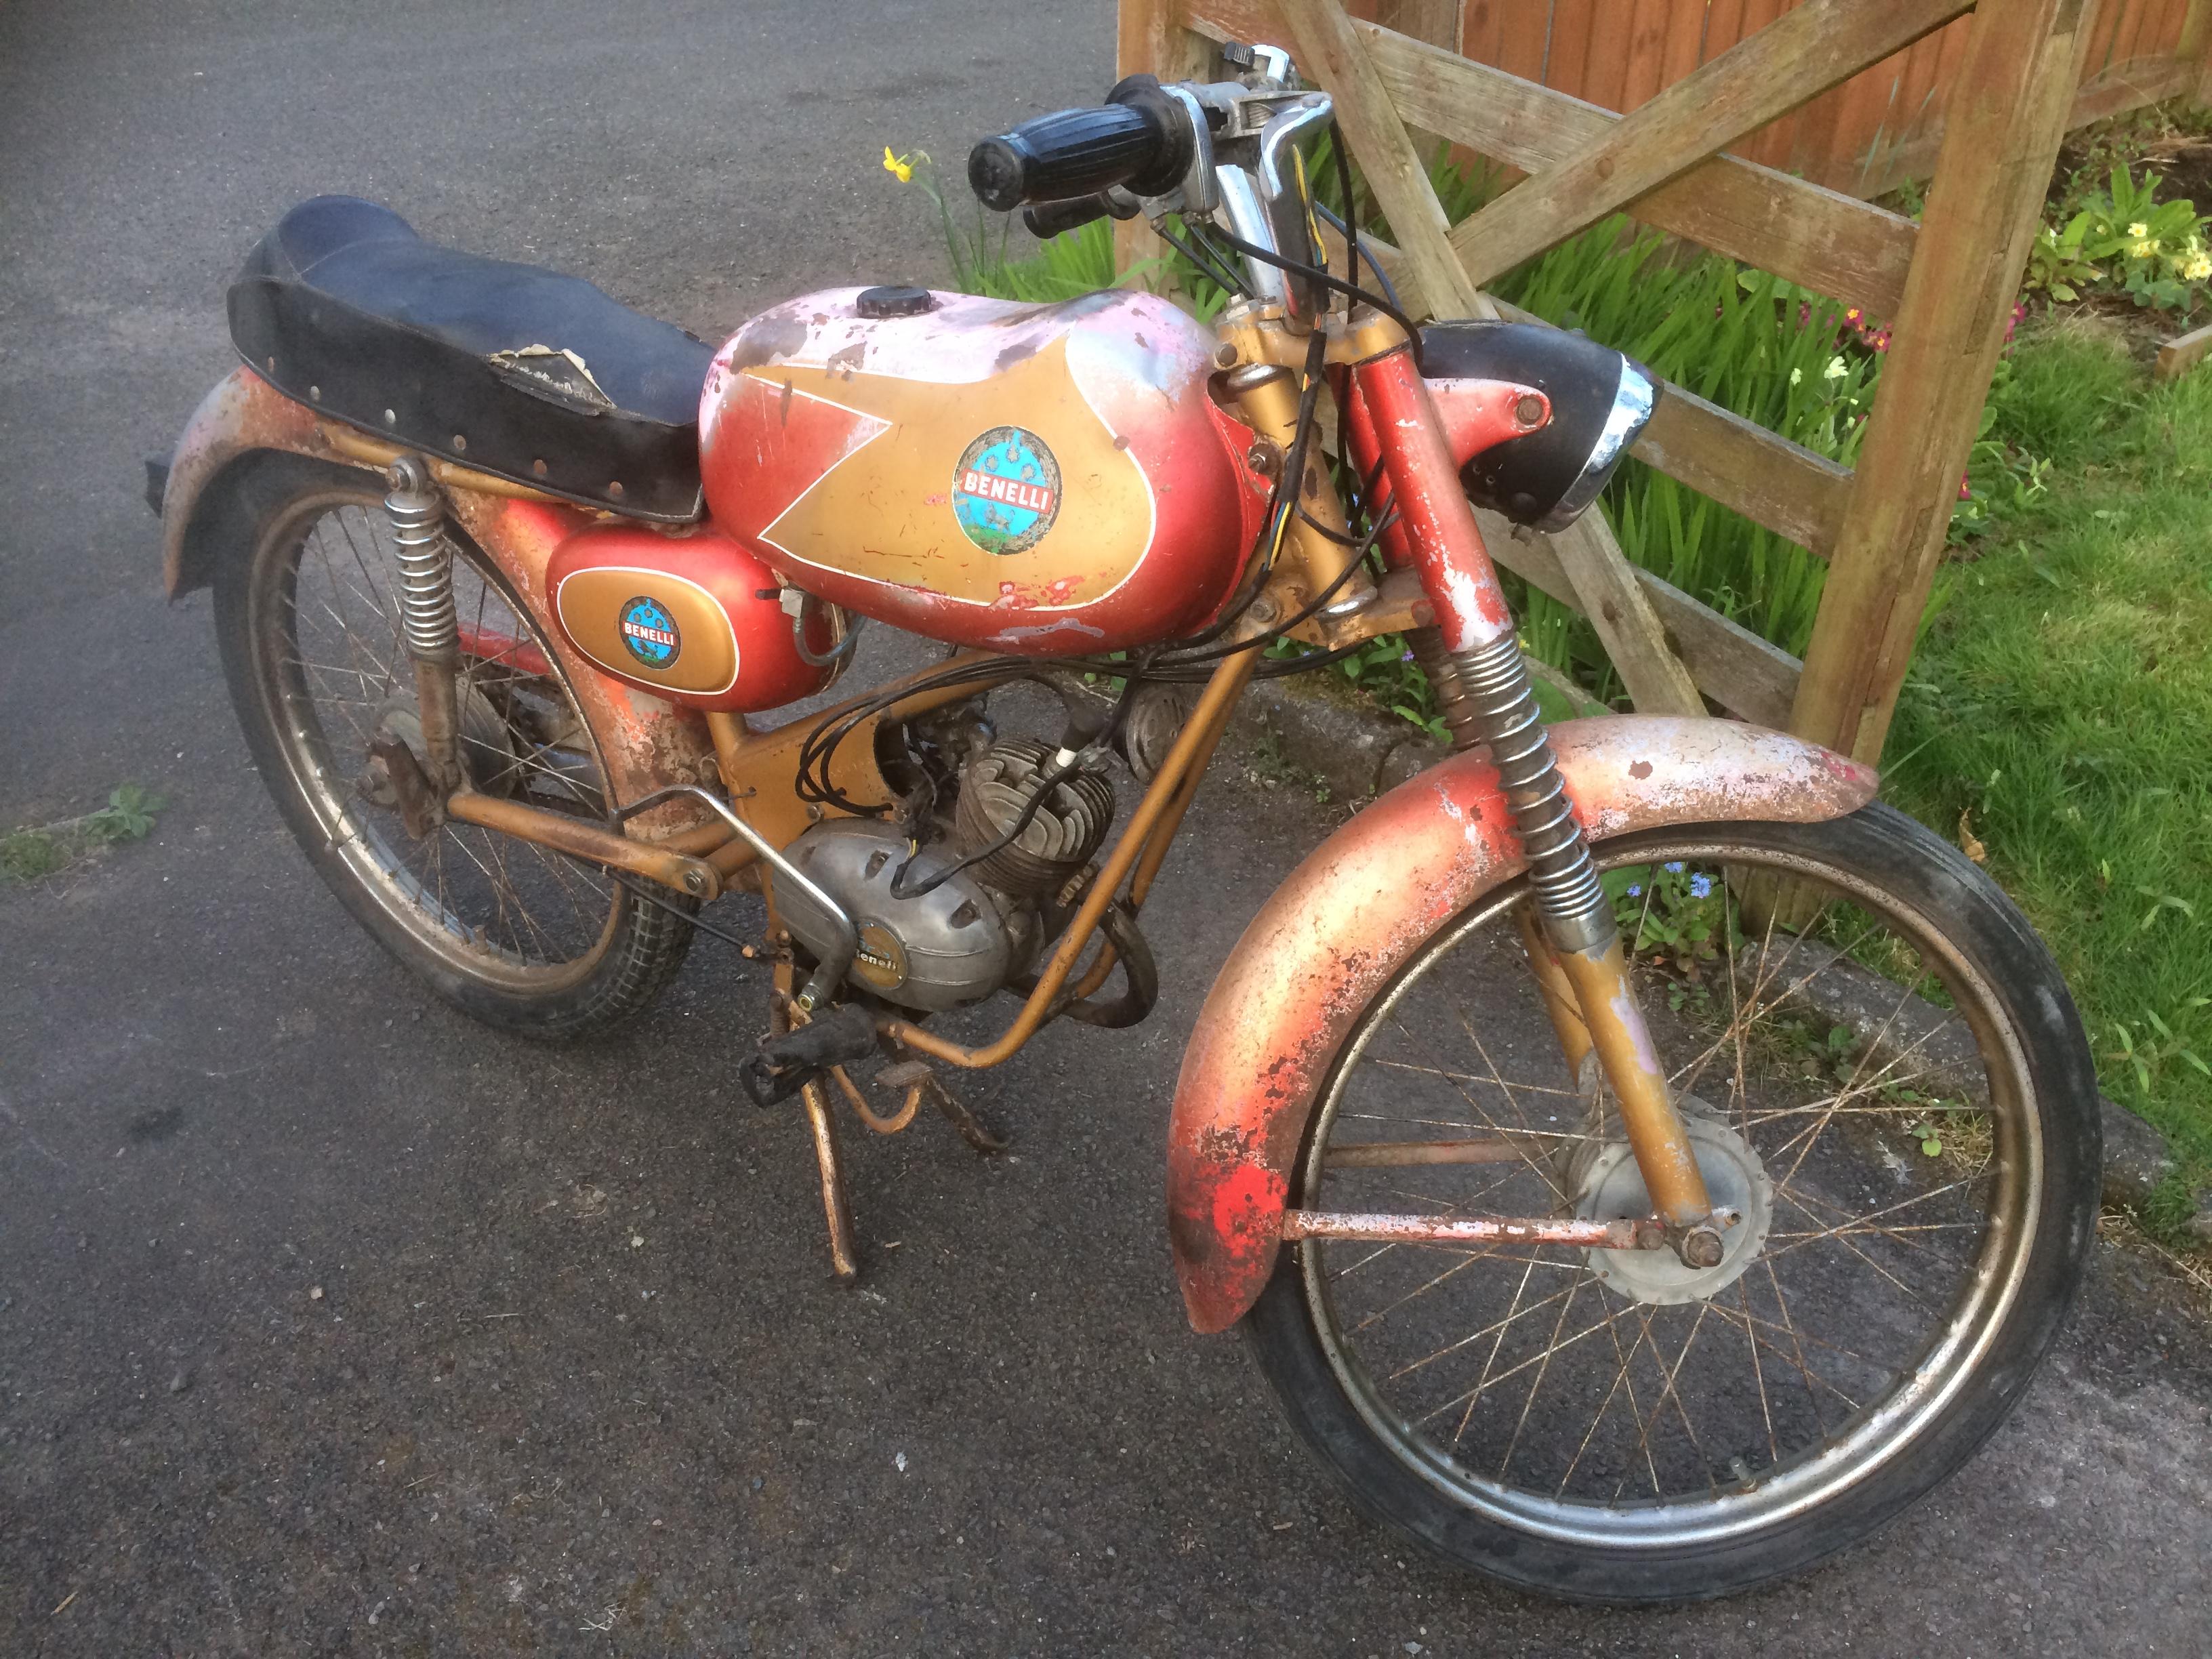 New member, new bike (only 50cc...)-image1.jpg